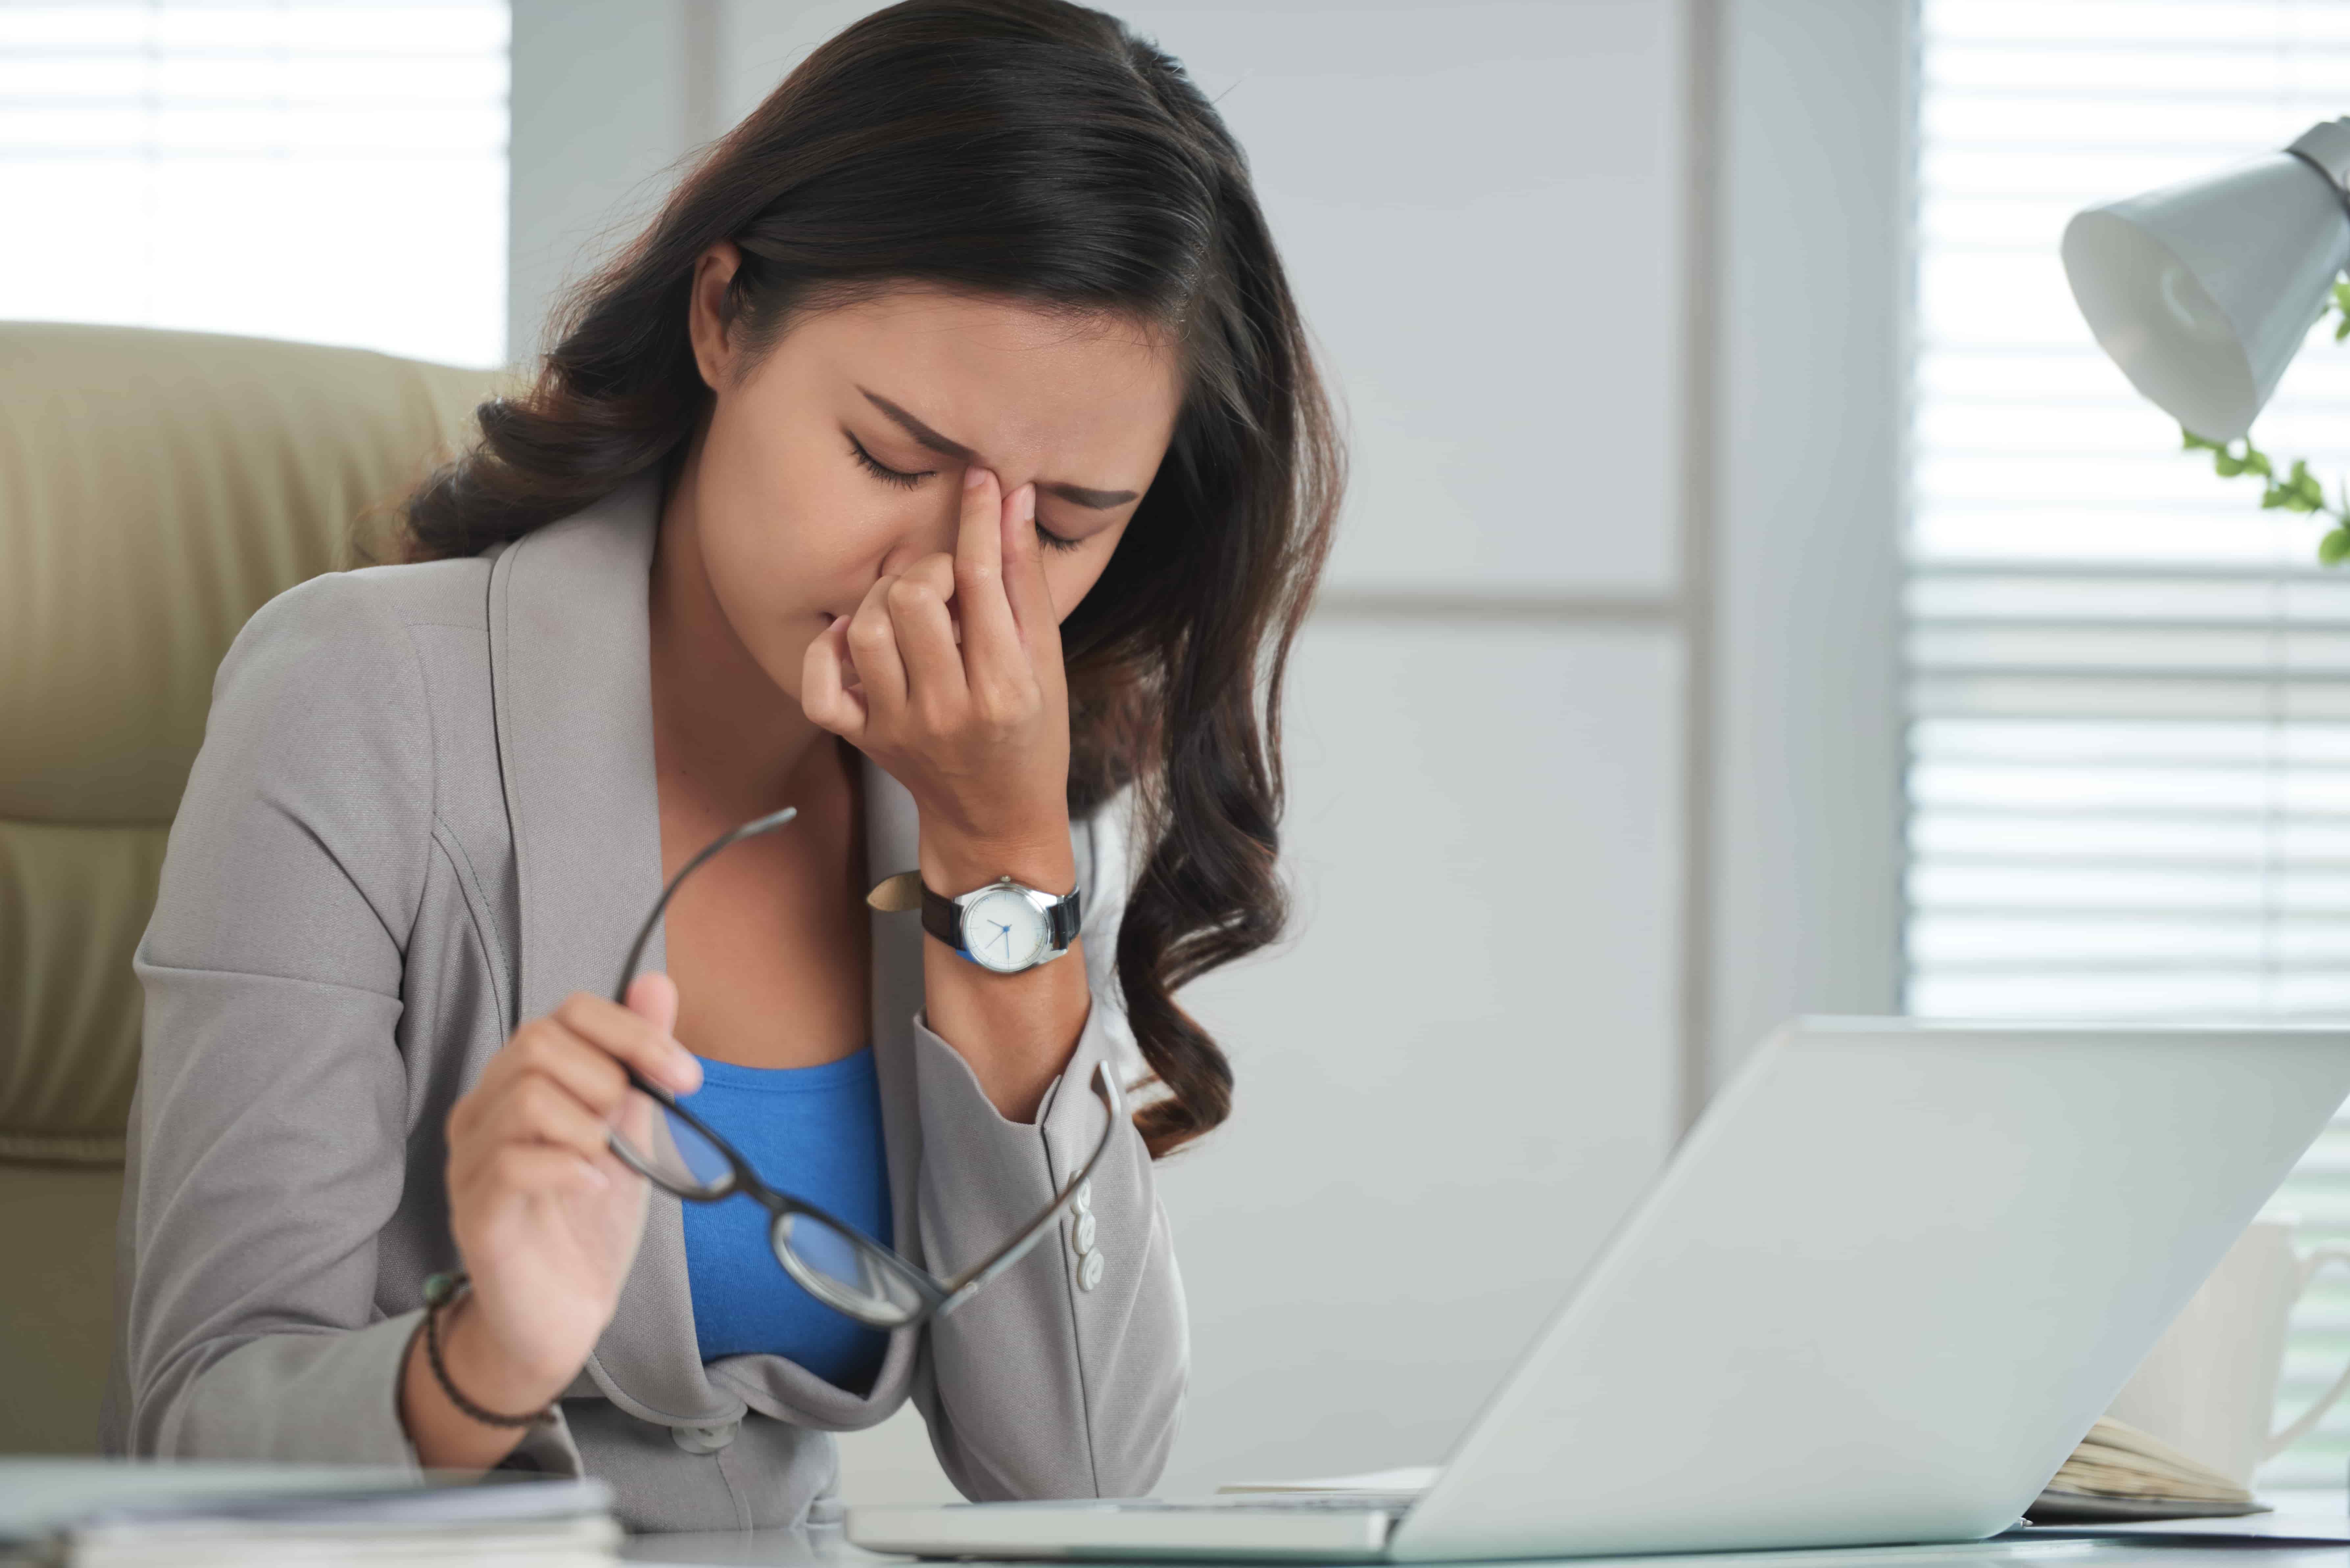 Как бороться со стрессом и тревогой. Борьба со стрессом